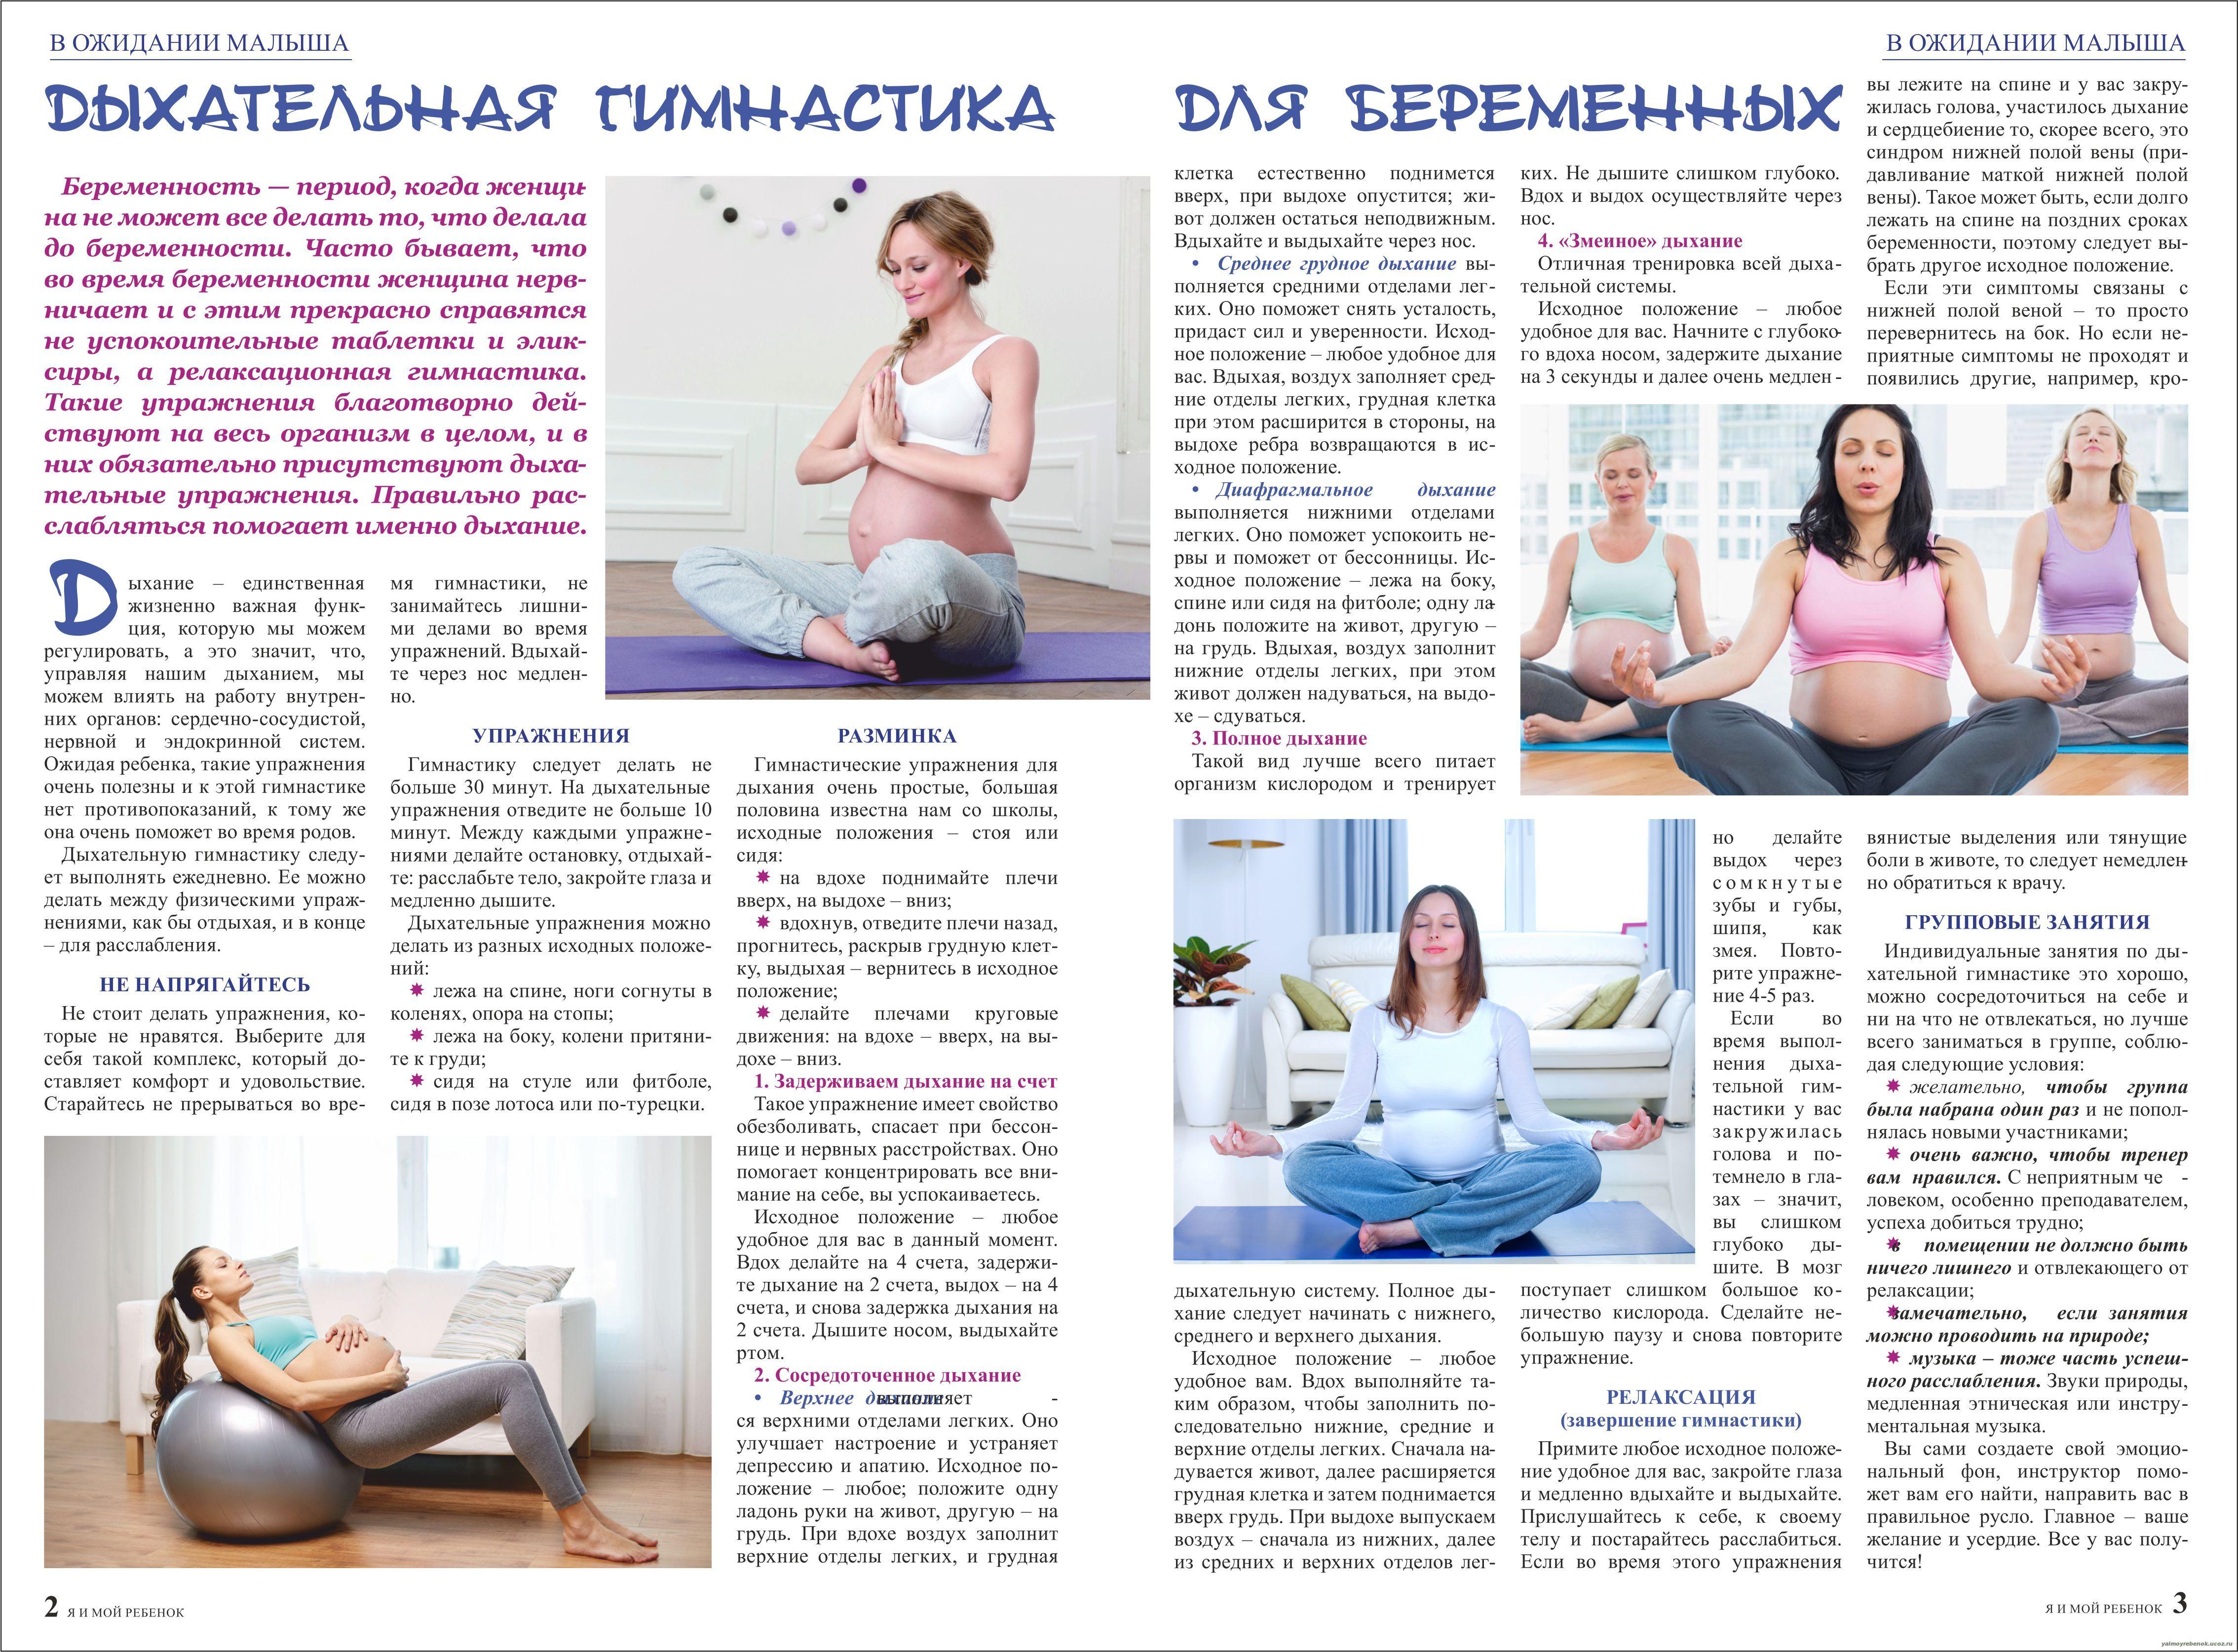 Гимнастика для беременных от отеков 2 триместр 19